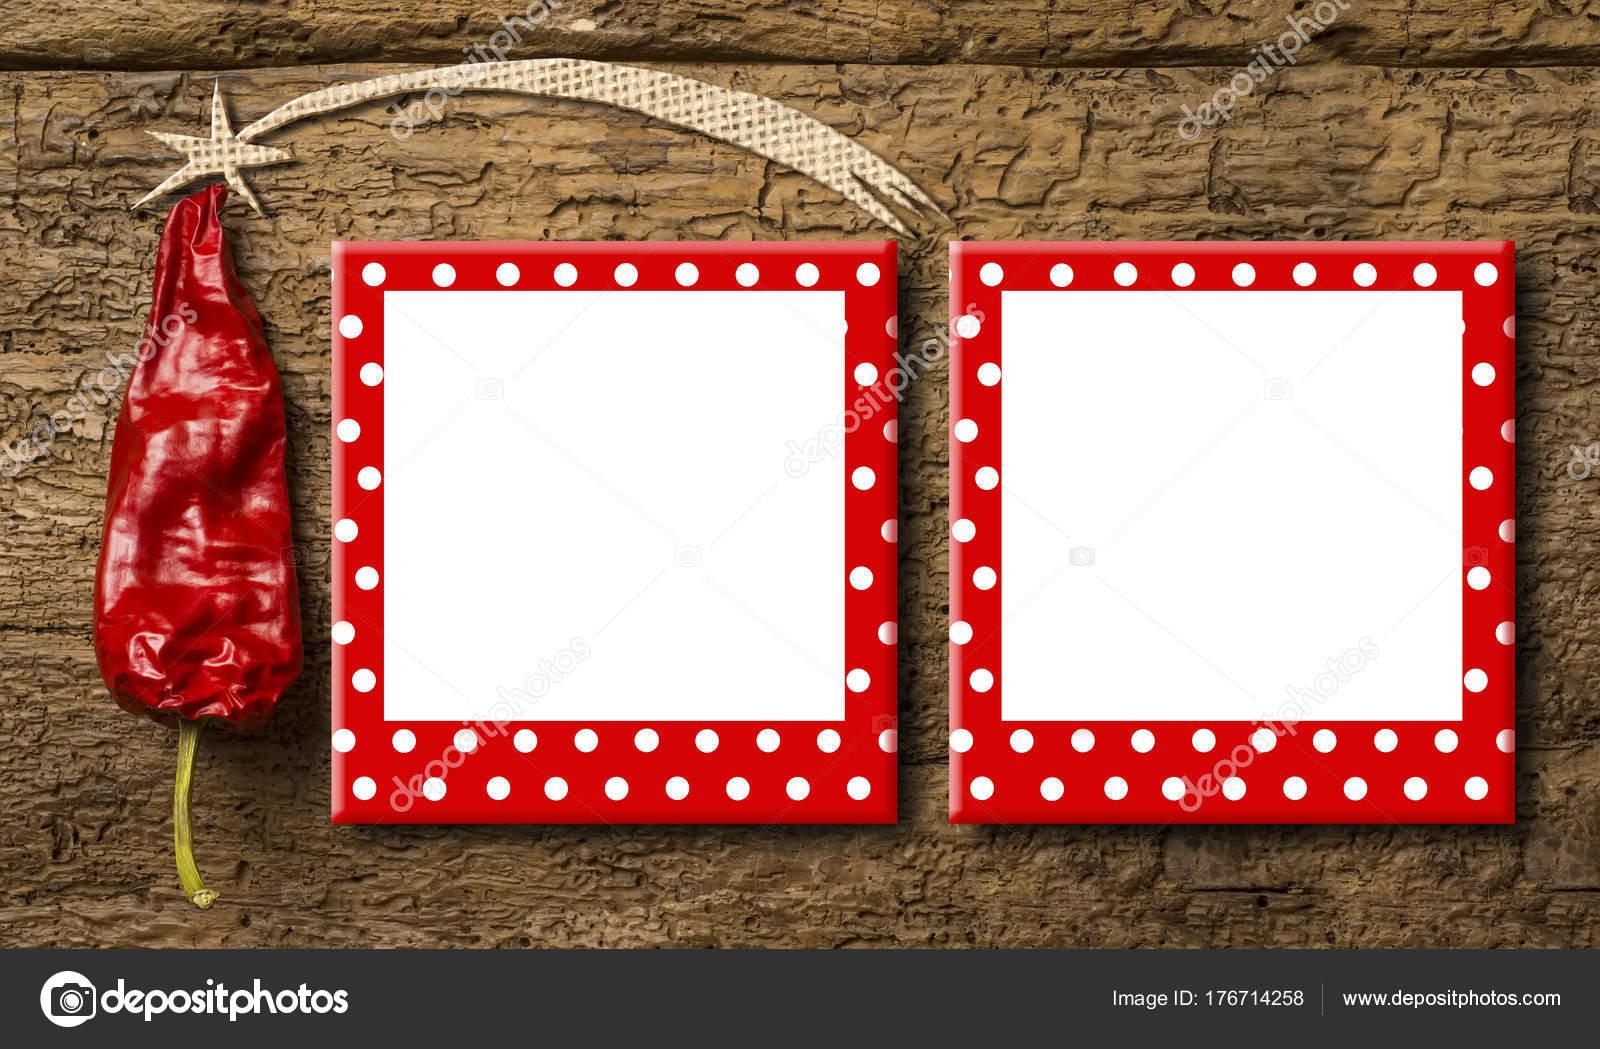 Marcos Para Fotos De Arbol De Navidad.Fotos Tarjetas Para Poner Tarjeta Felicitacion Navidad